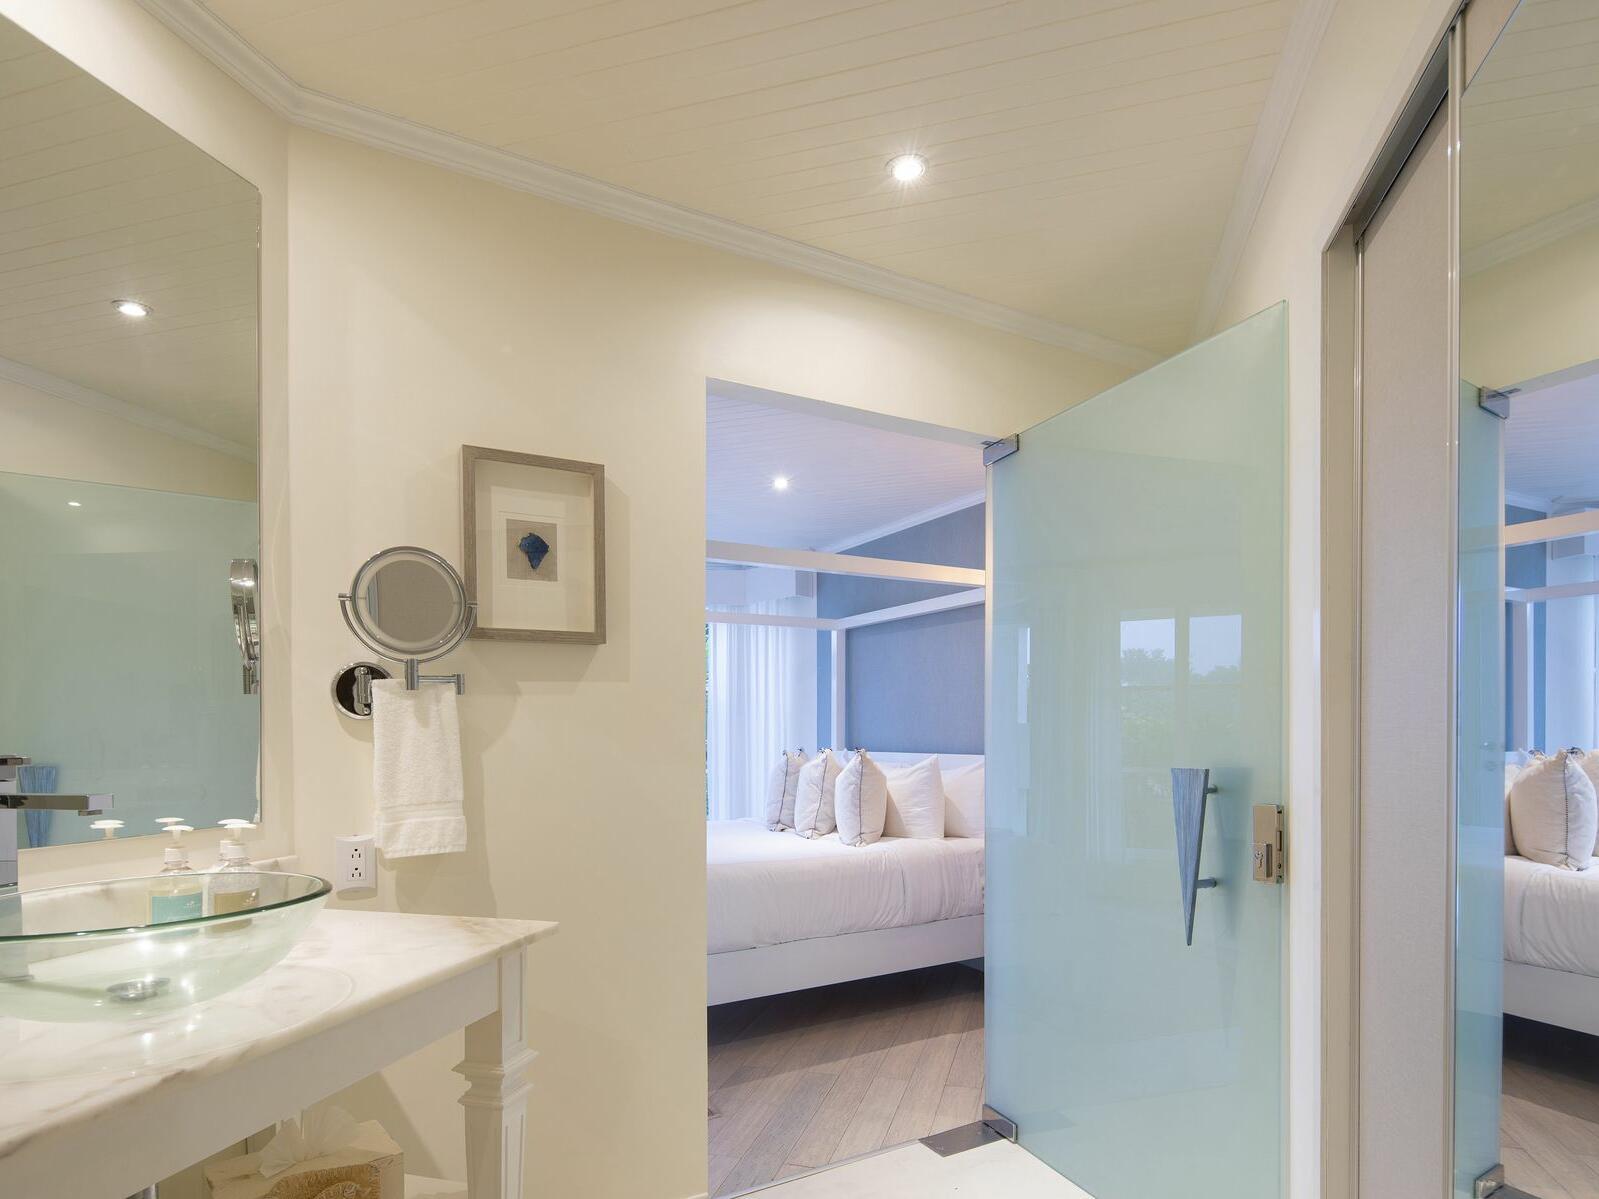 hotel bathroom with vanity and door to bedroom